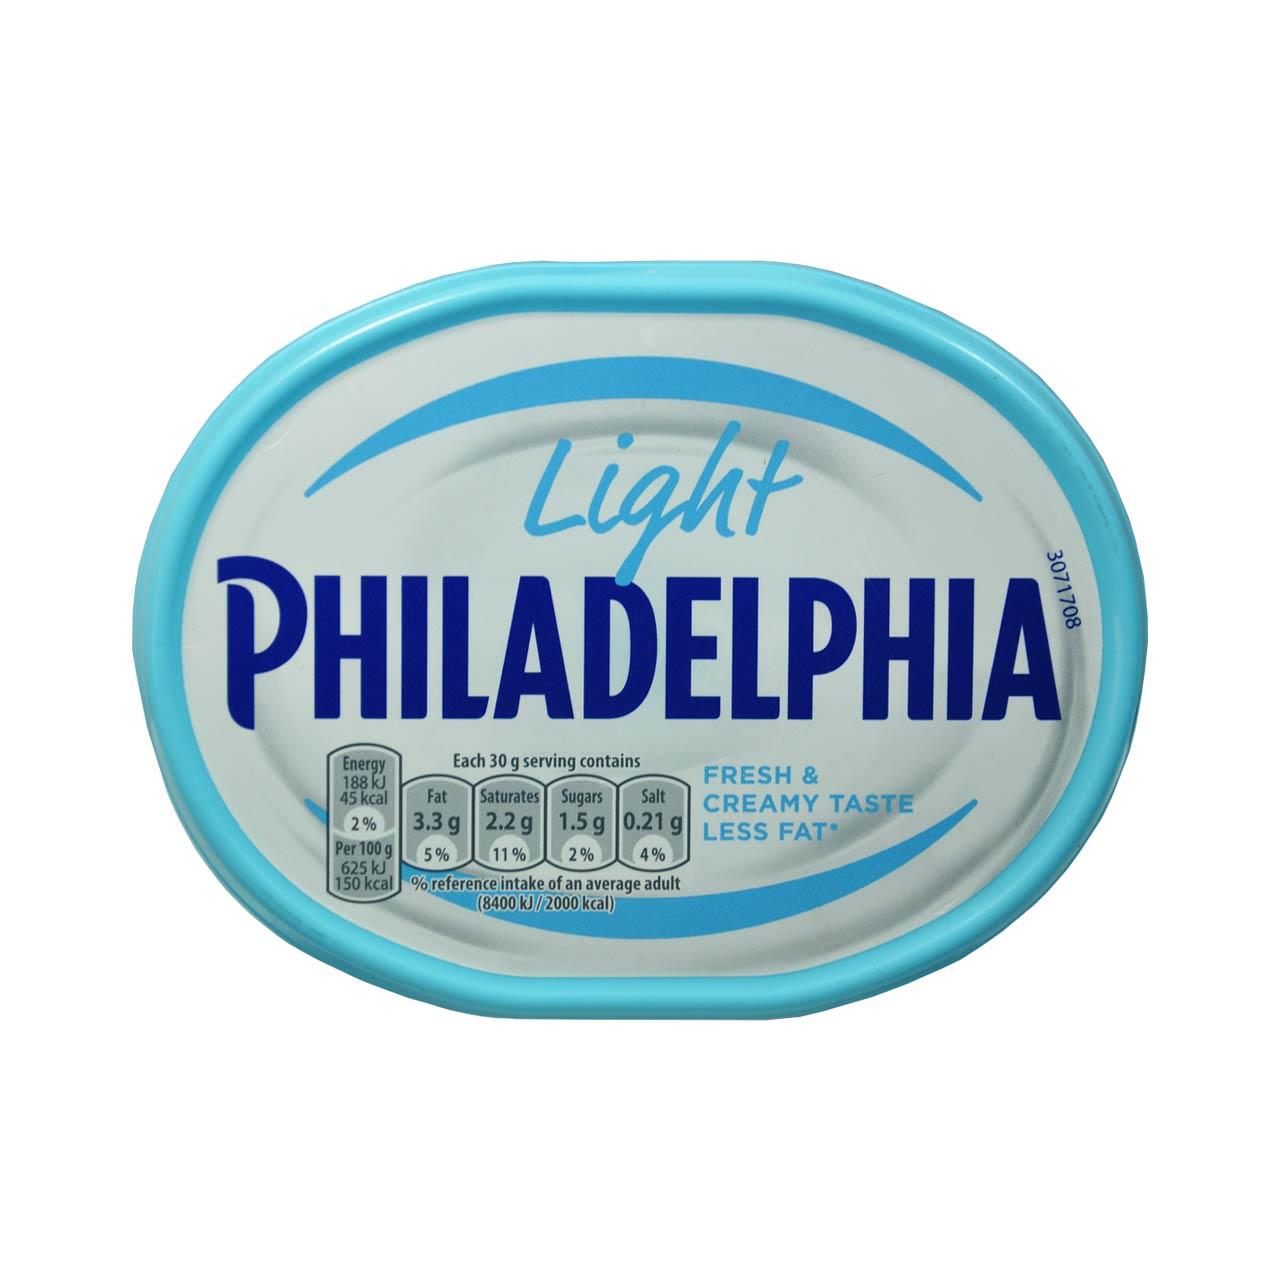 پنیر فیلادلفیا لایت – philadelphia